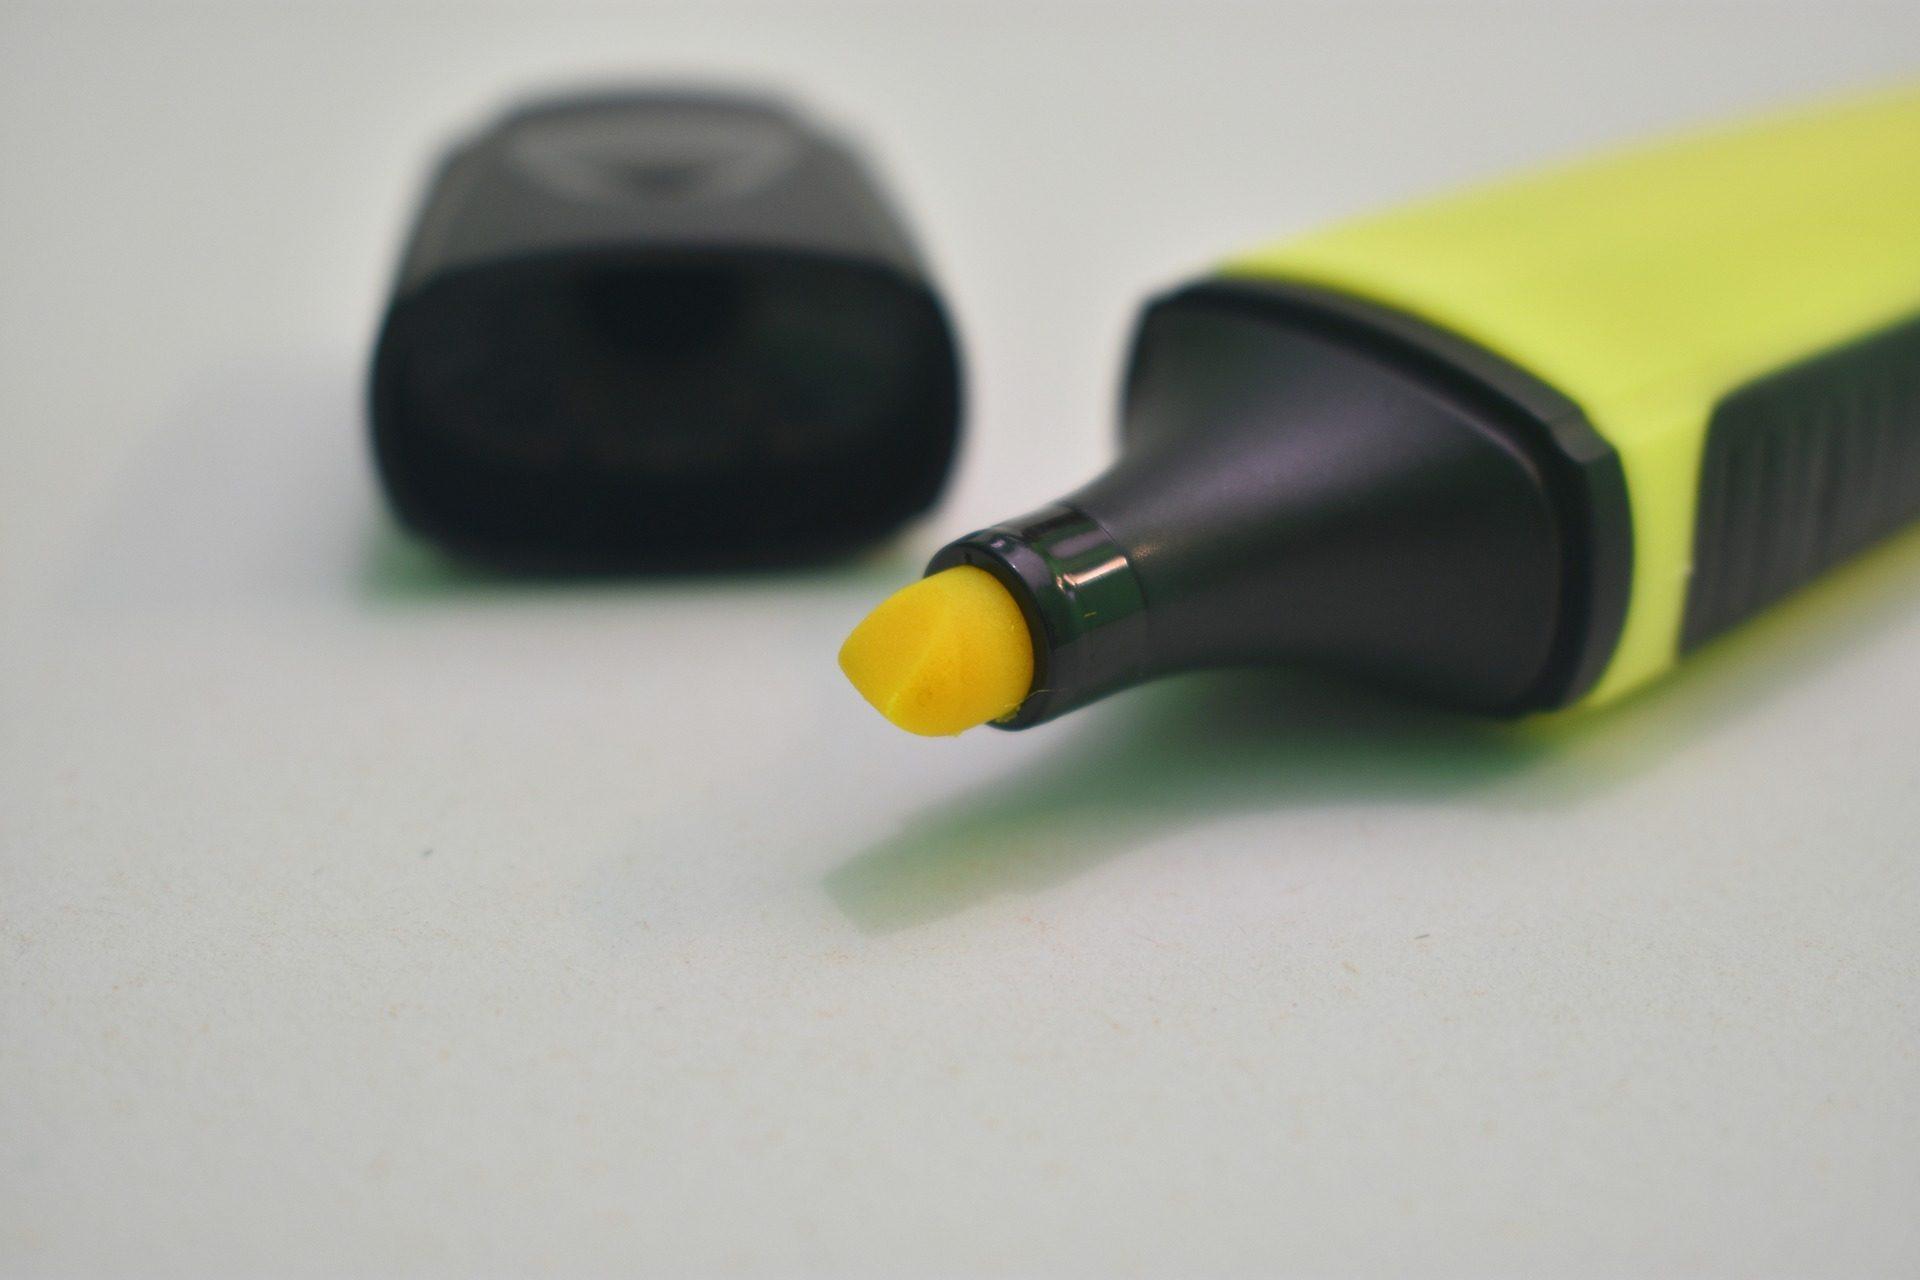 evidenziatore, pennarello per scrittura, marcatore, fluorescente, Tappo - Sfondi HD - Professor-falken.com